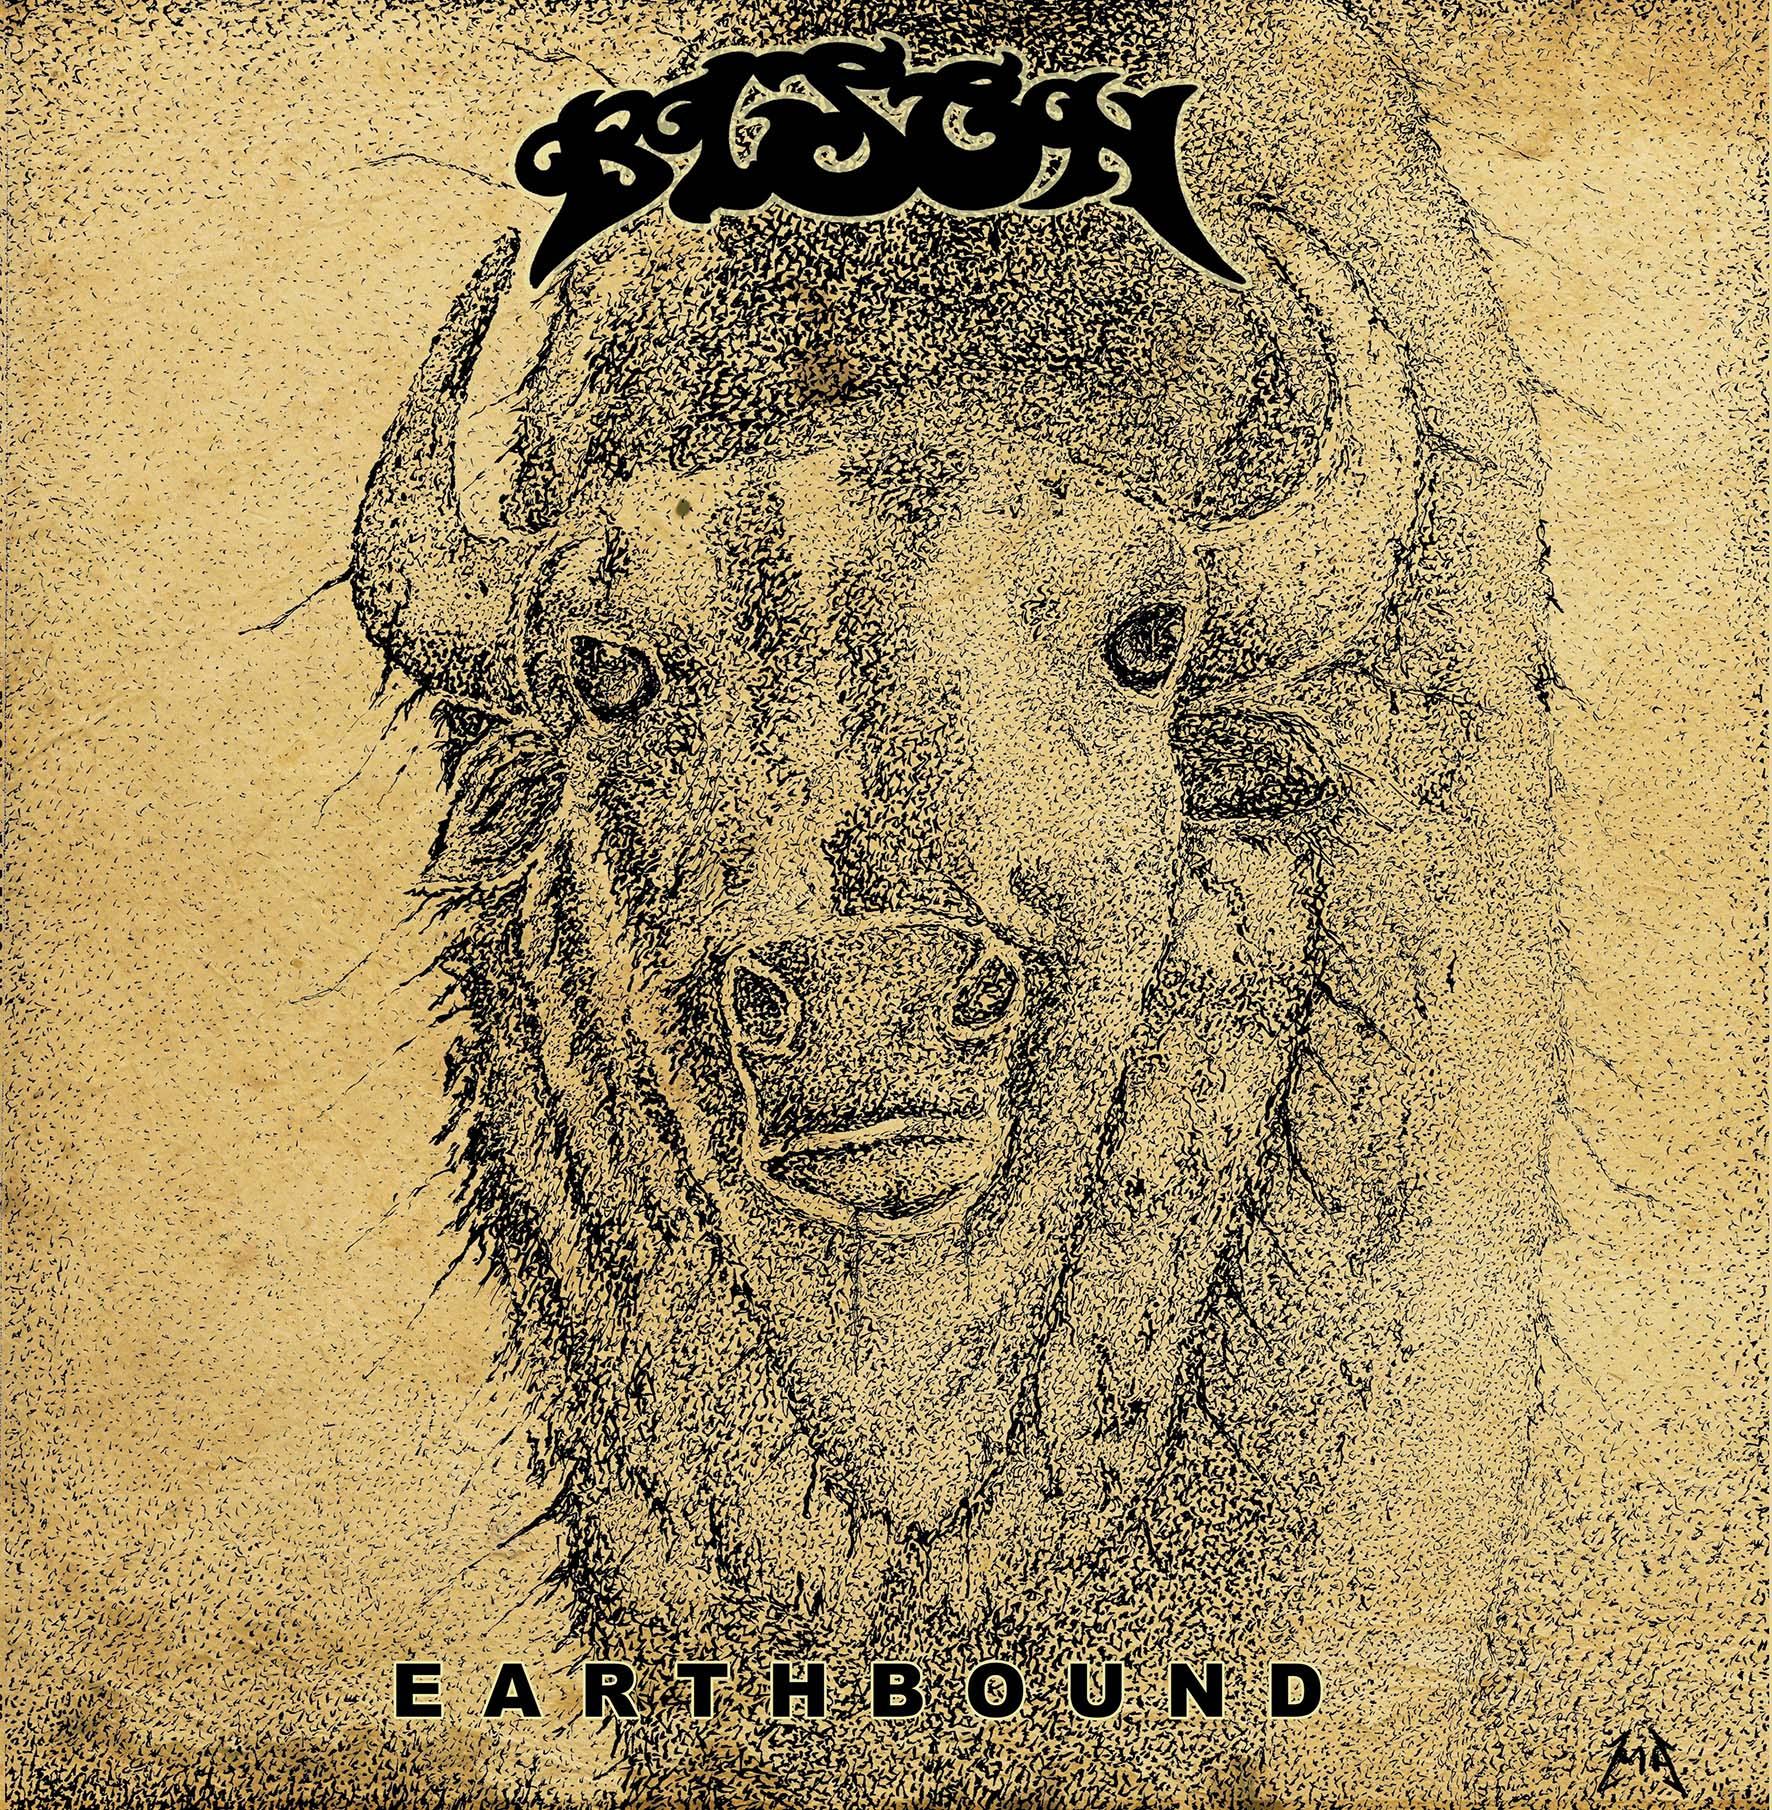 Bison LP Cover.jpg